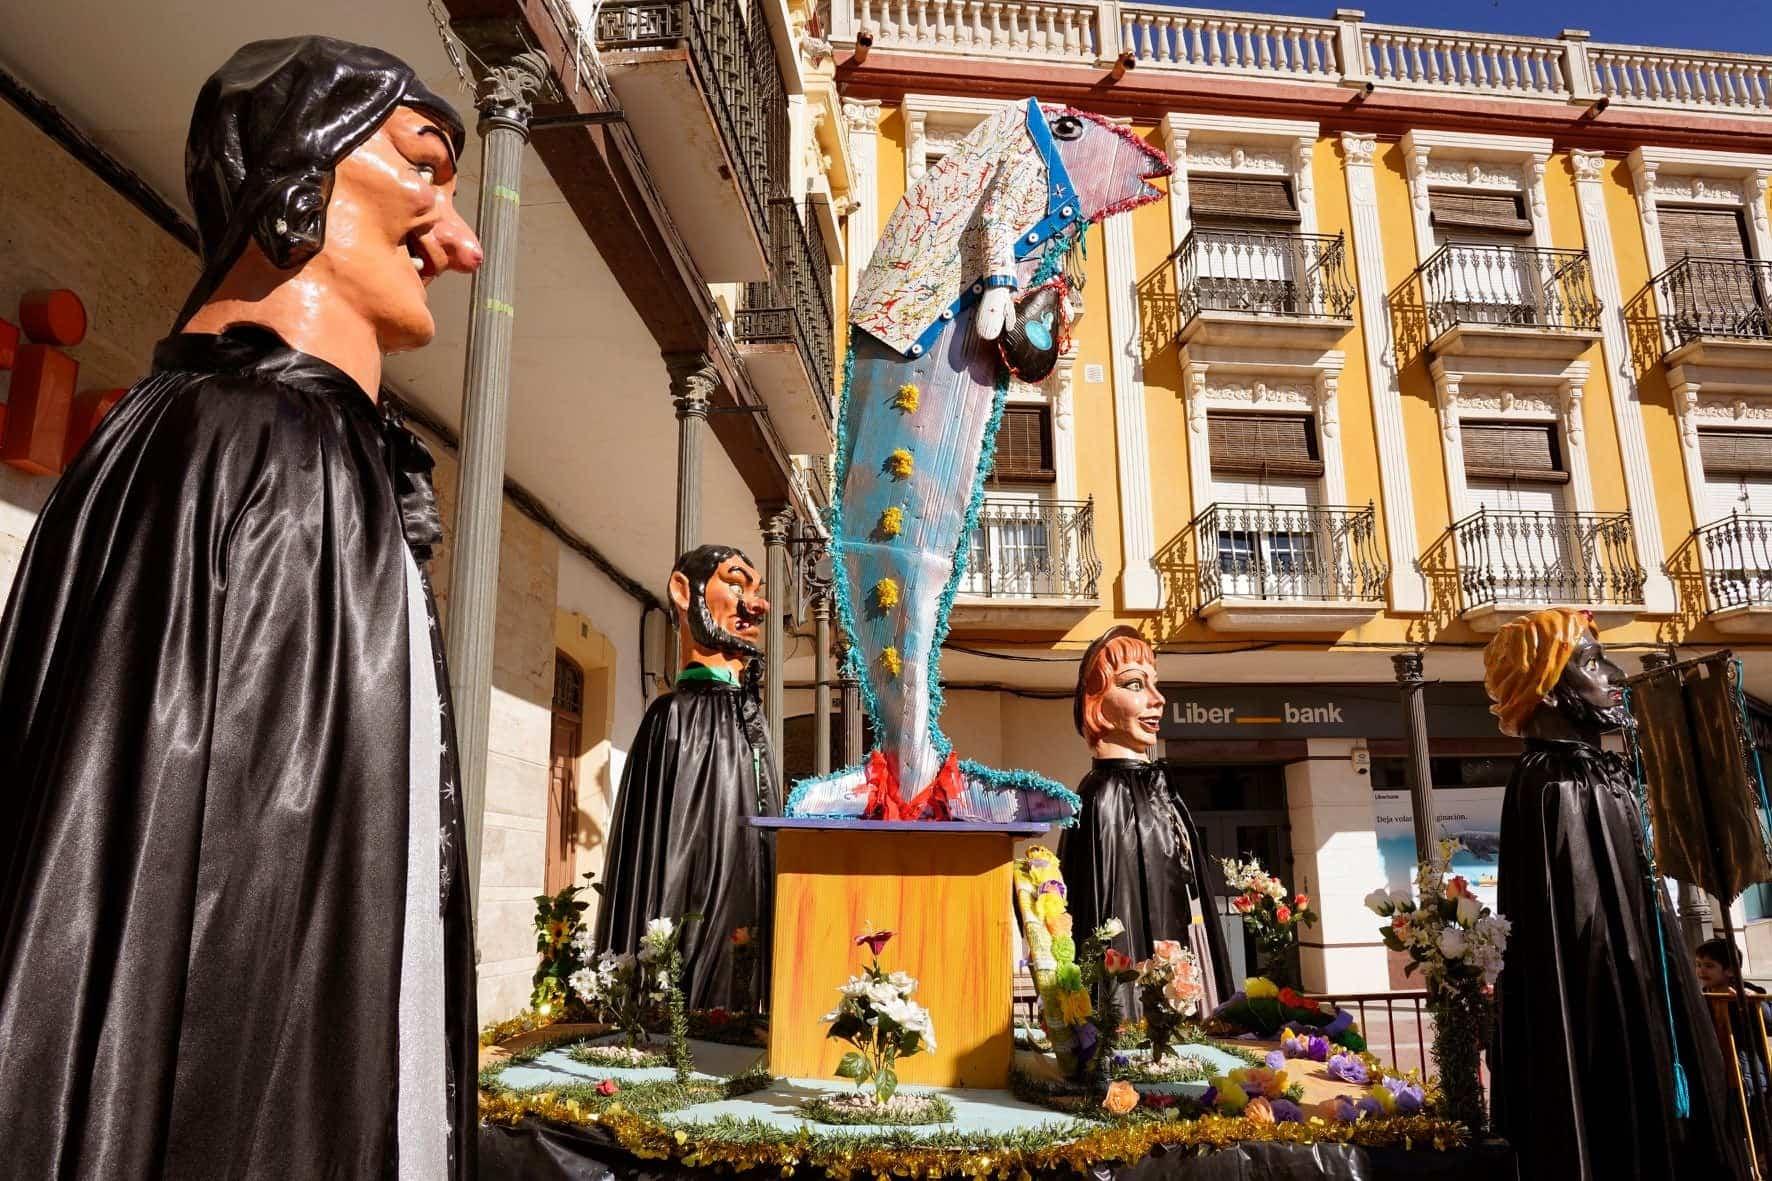 Carnaval de Herencia 2020 entierro sardina 1 - El Entierro de la Sardina 2020 del Carnaval de Herencia